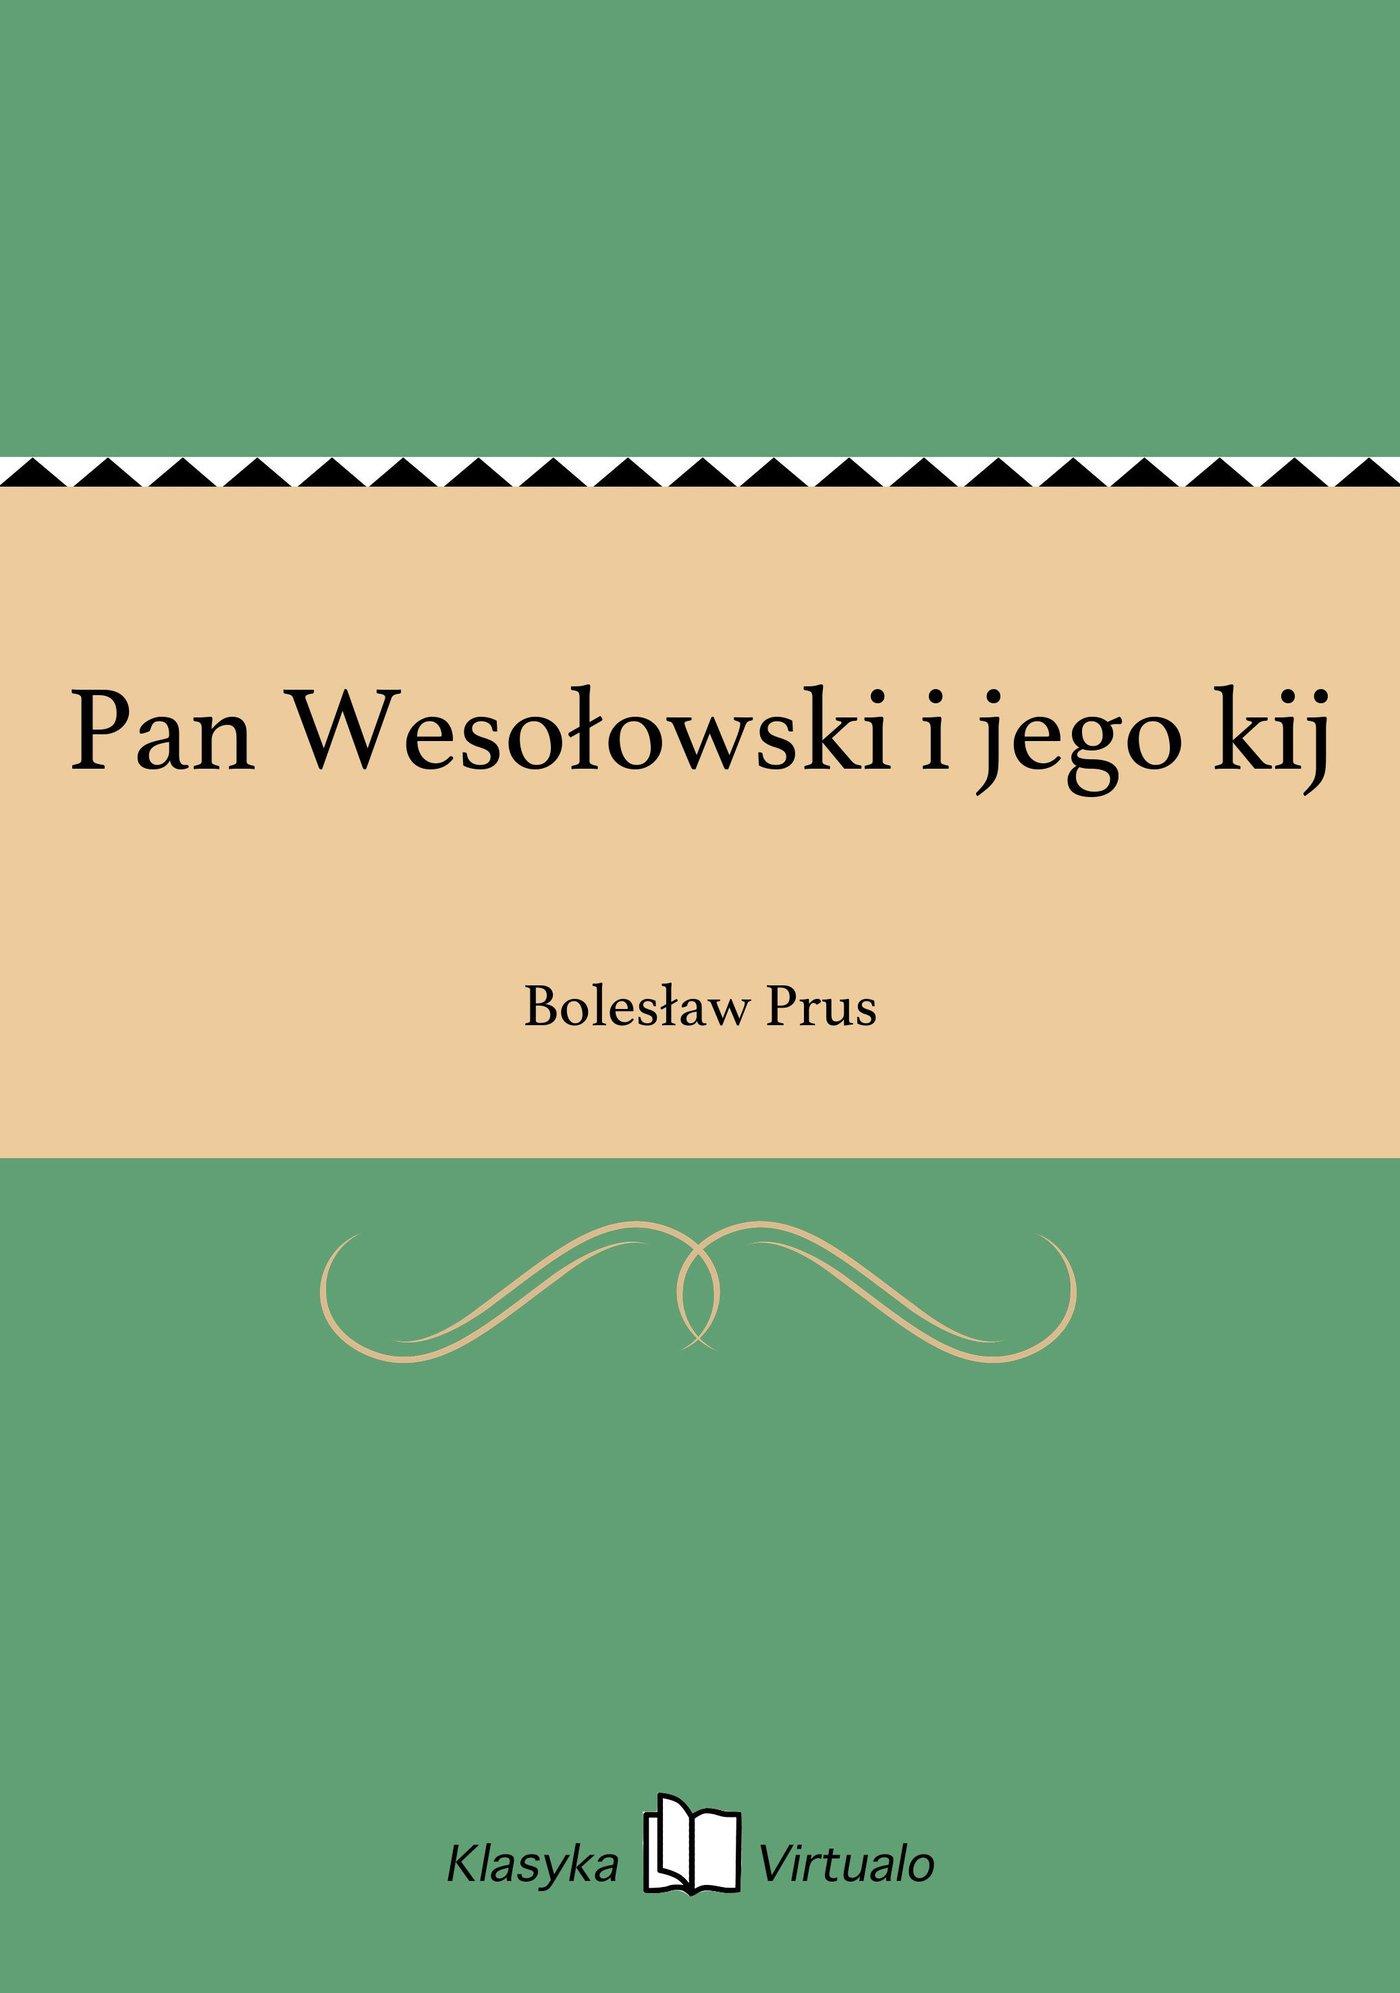 Pan Wesołowski i jego kij - Ebook (Książka EPUB) do pobrania w formacie EPUB